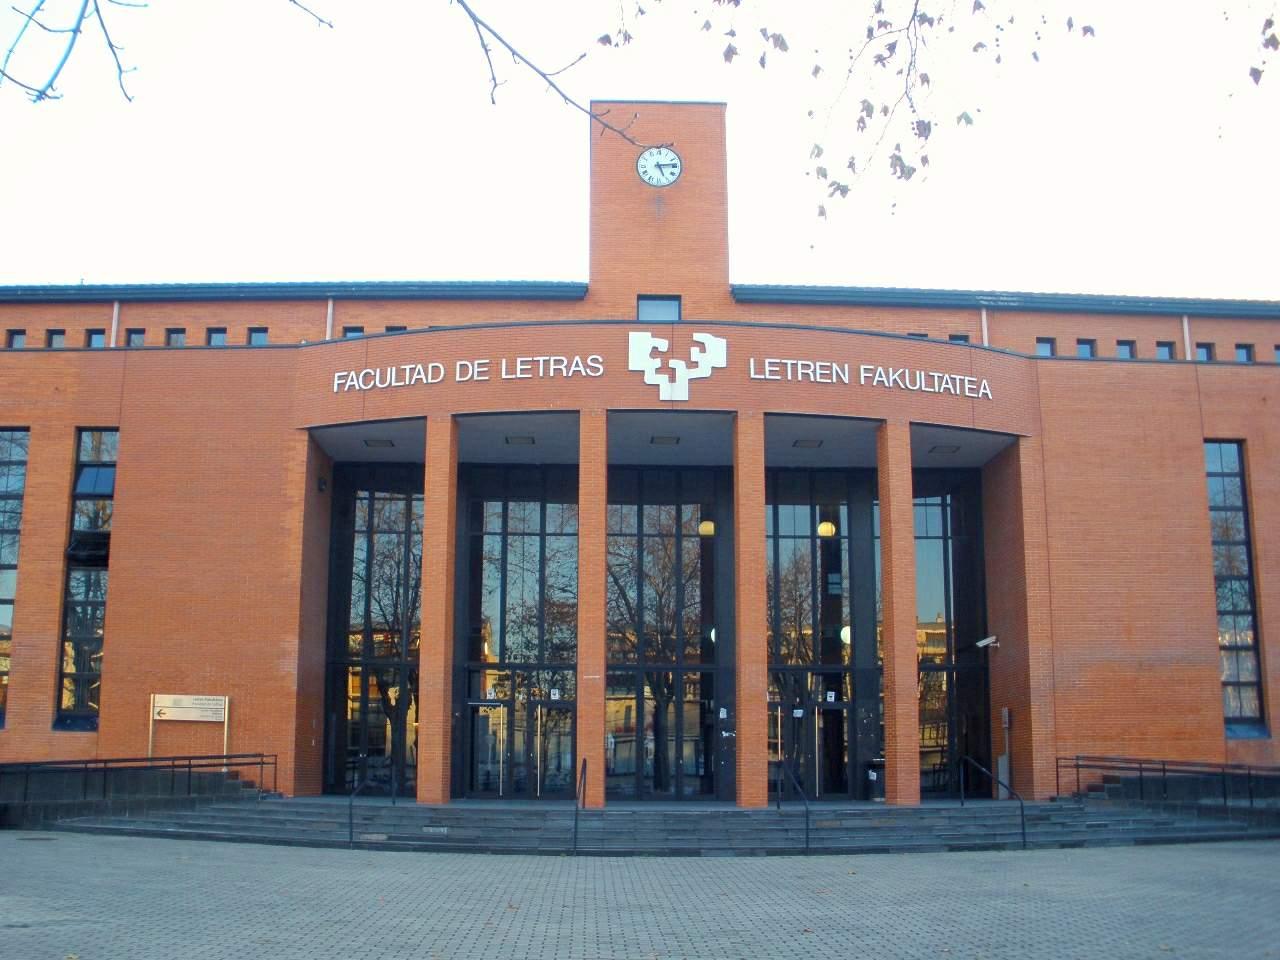 Facultad de Letras de Vitoria-Gasteiz | Foto: Wikipedia